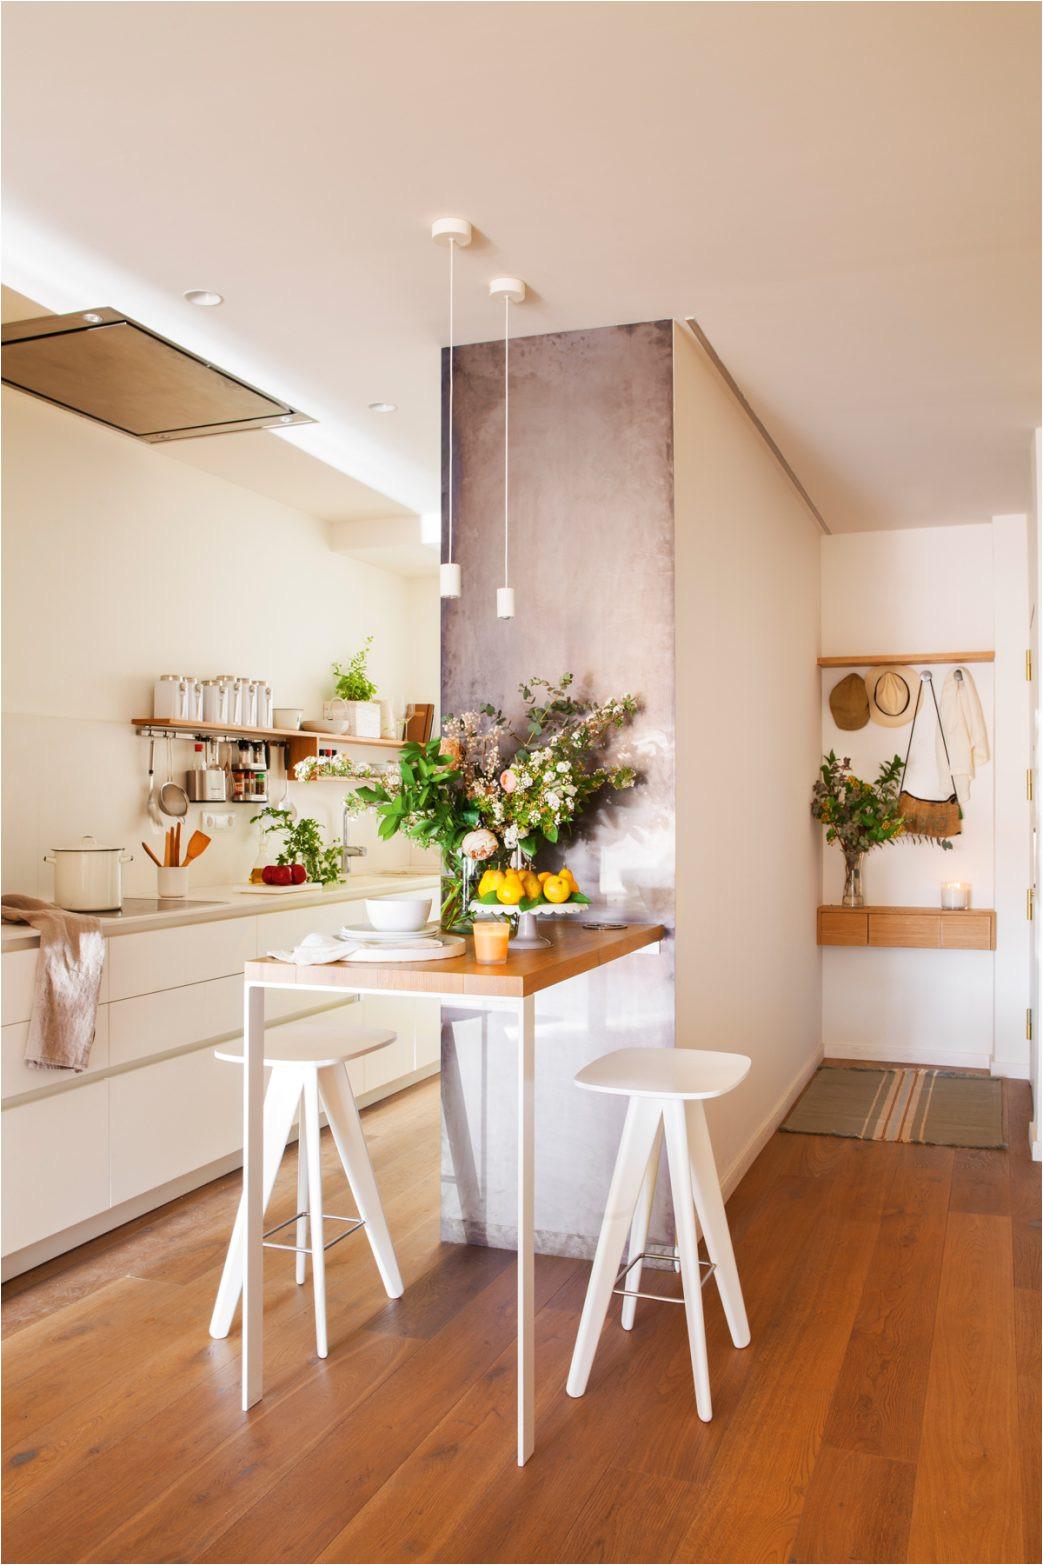 cool interesting ideas geniales para recibidores pequenos decoracion interiores pequenos como decorar elegantes modernos muy y with ideas en decoracion de